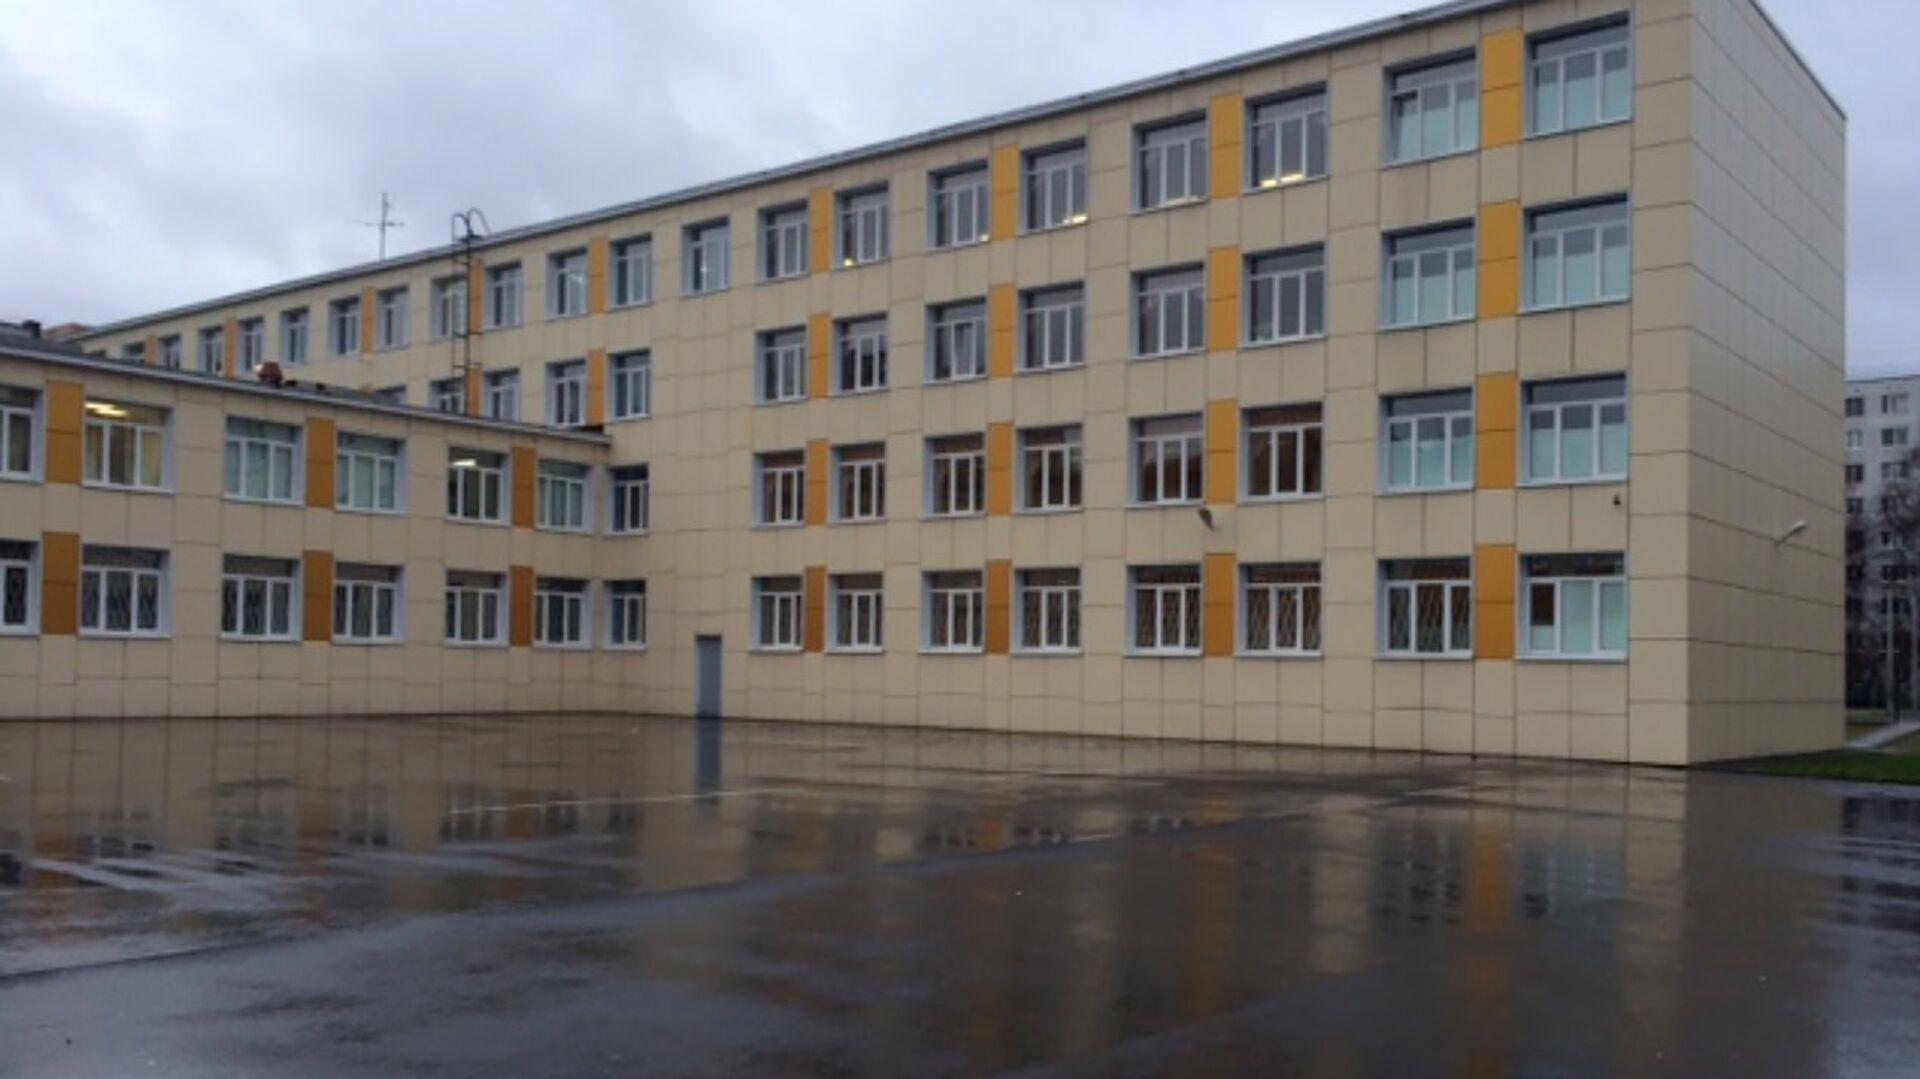 Школа №339 на улице Дыбенко в Санкт-Петербурге - РИА Новости, 1920, 11.04.2021